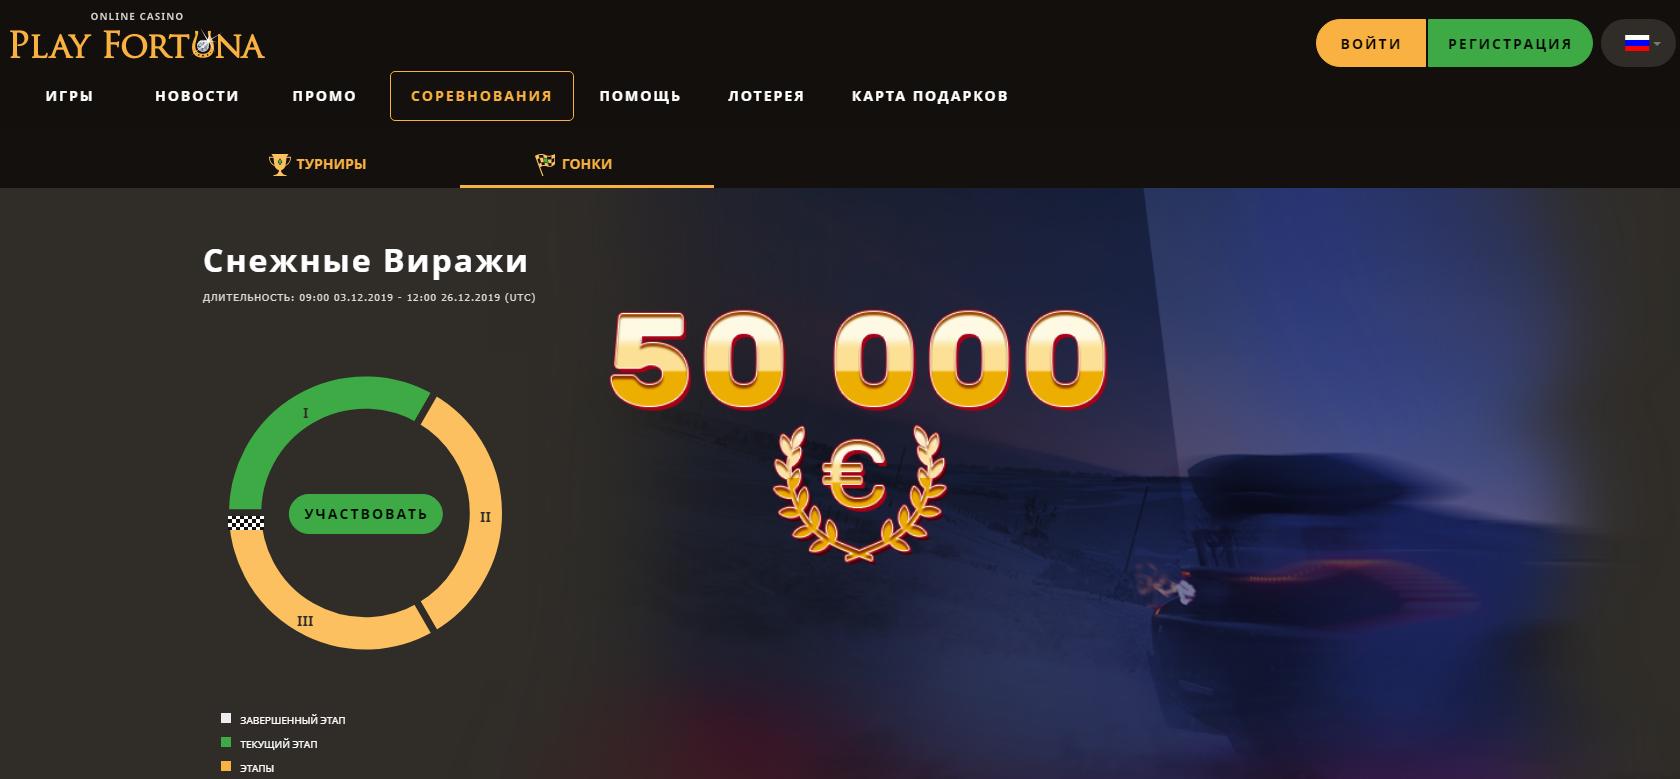 """Гонка """"Снежные Виражи"""" в казино Play Fortuna с призовым фондом 50.000 евро"""